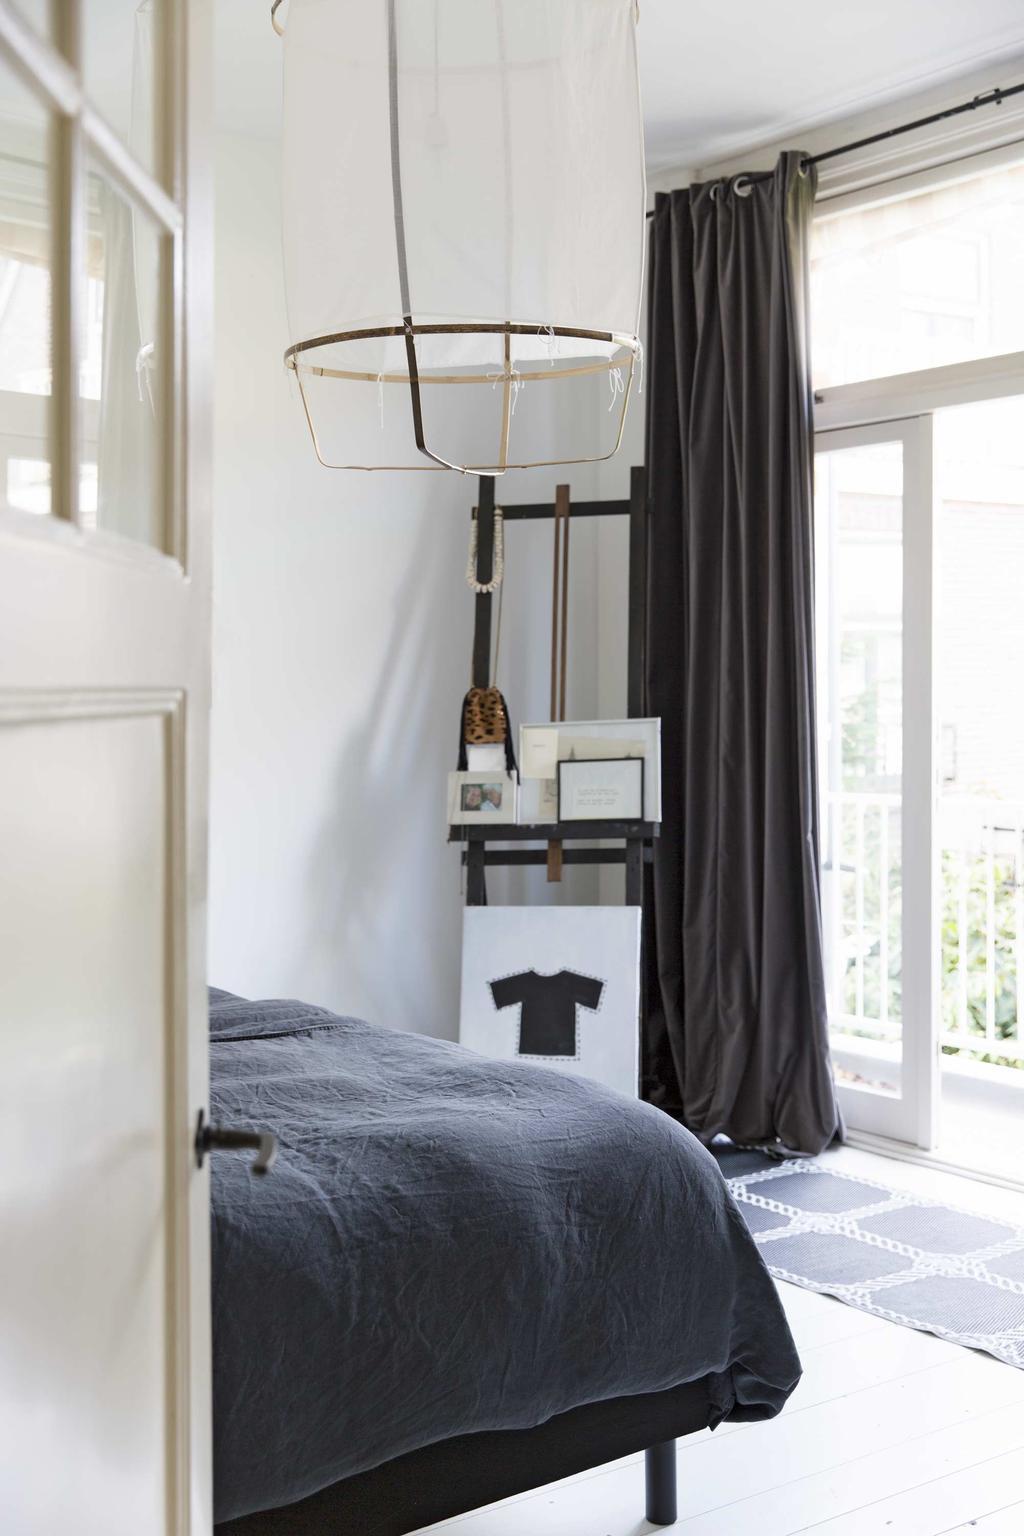 Slaapkamer met gordijnen